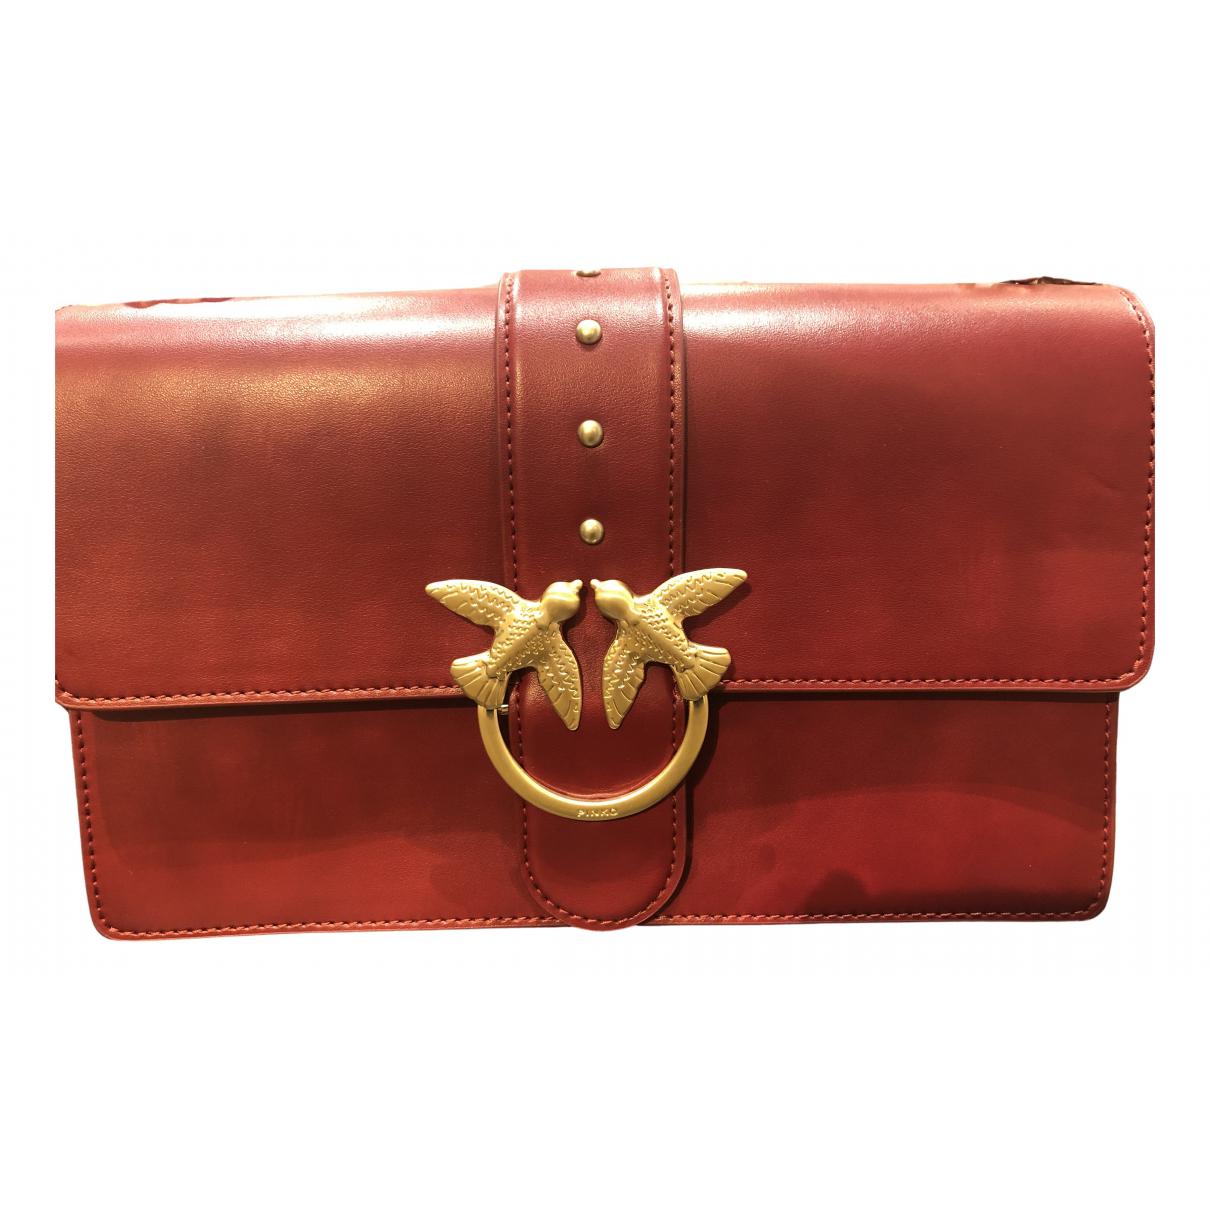 Pinko Love Bag Handtasche in  Bordeauxrot Leder